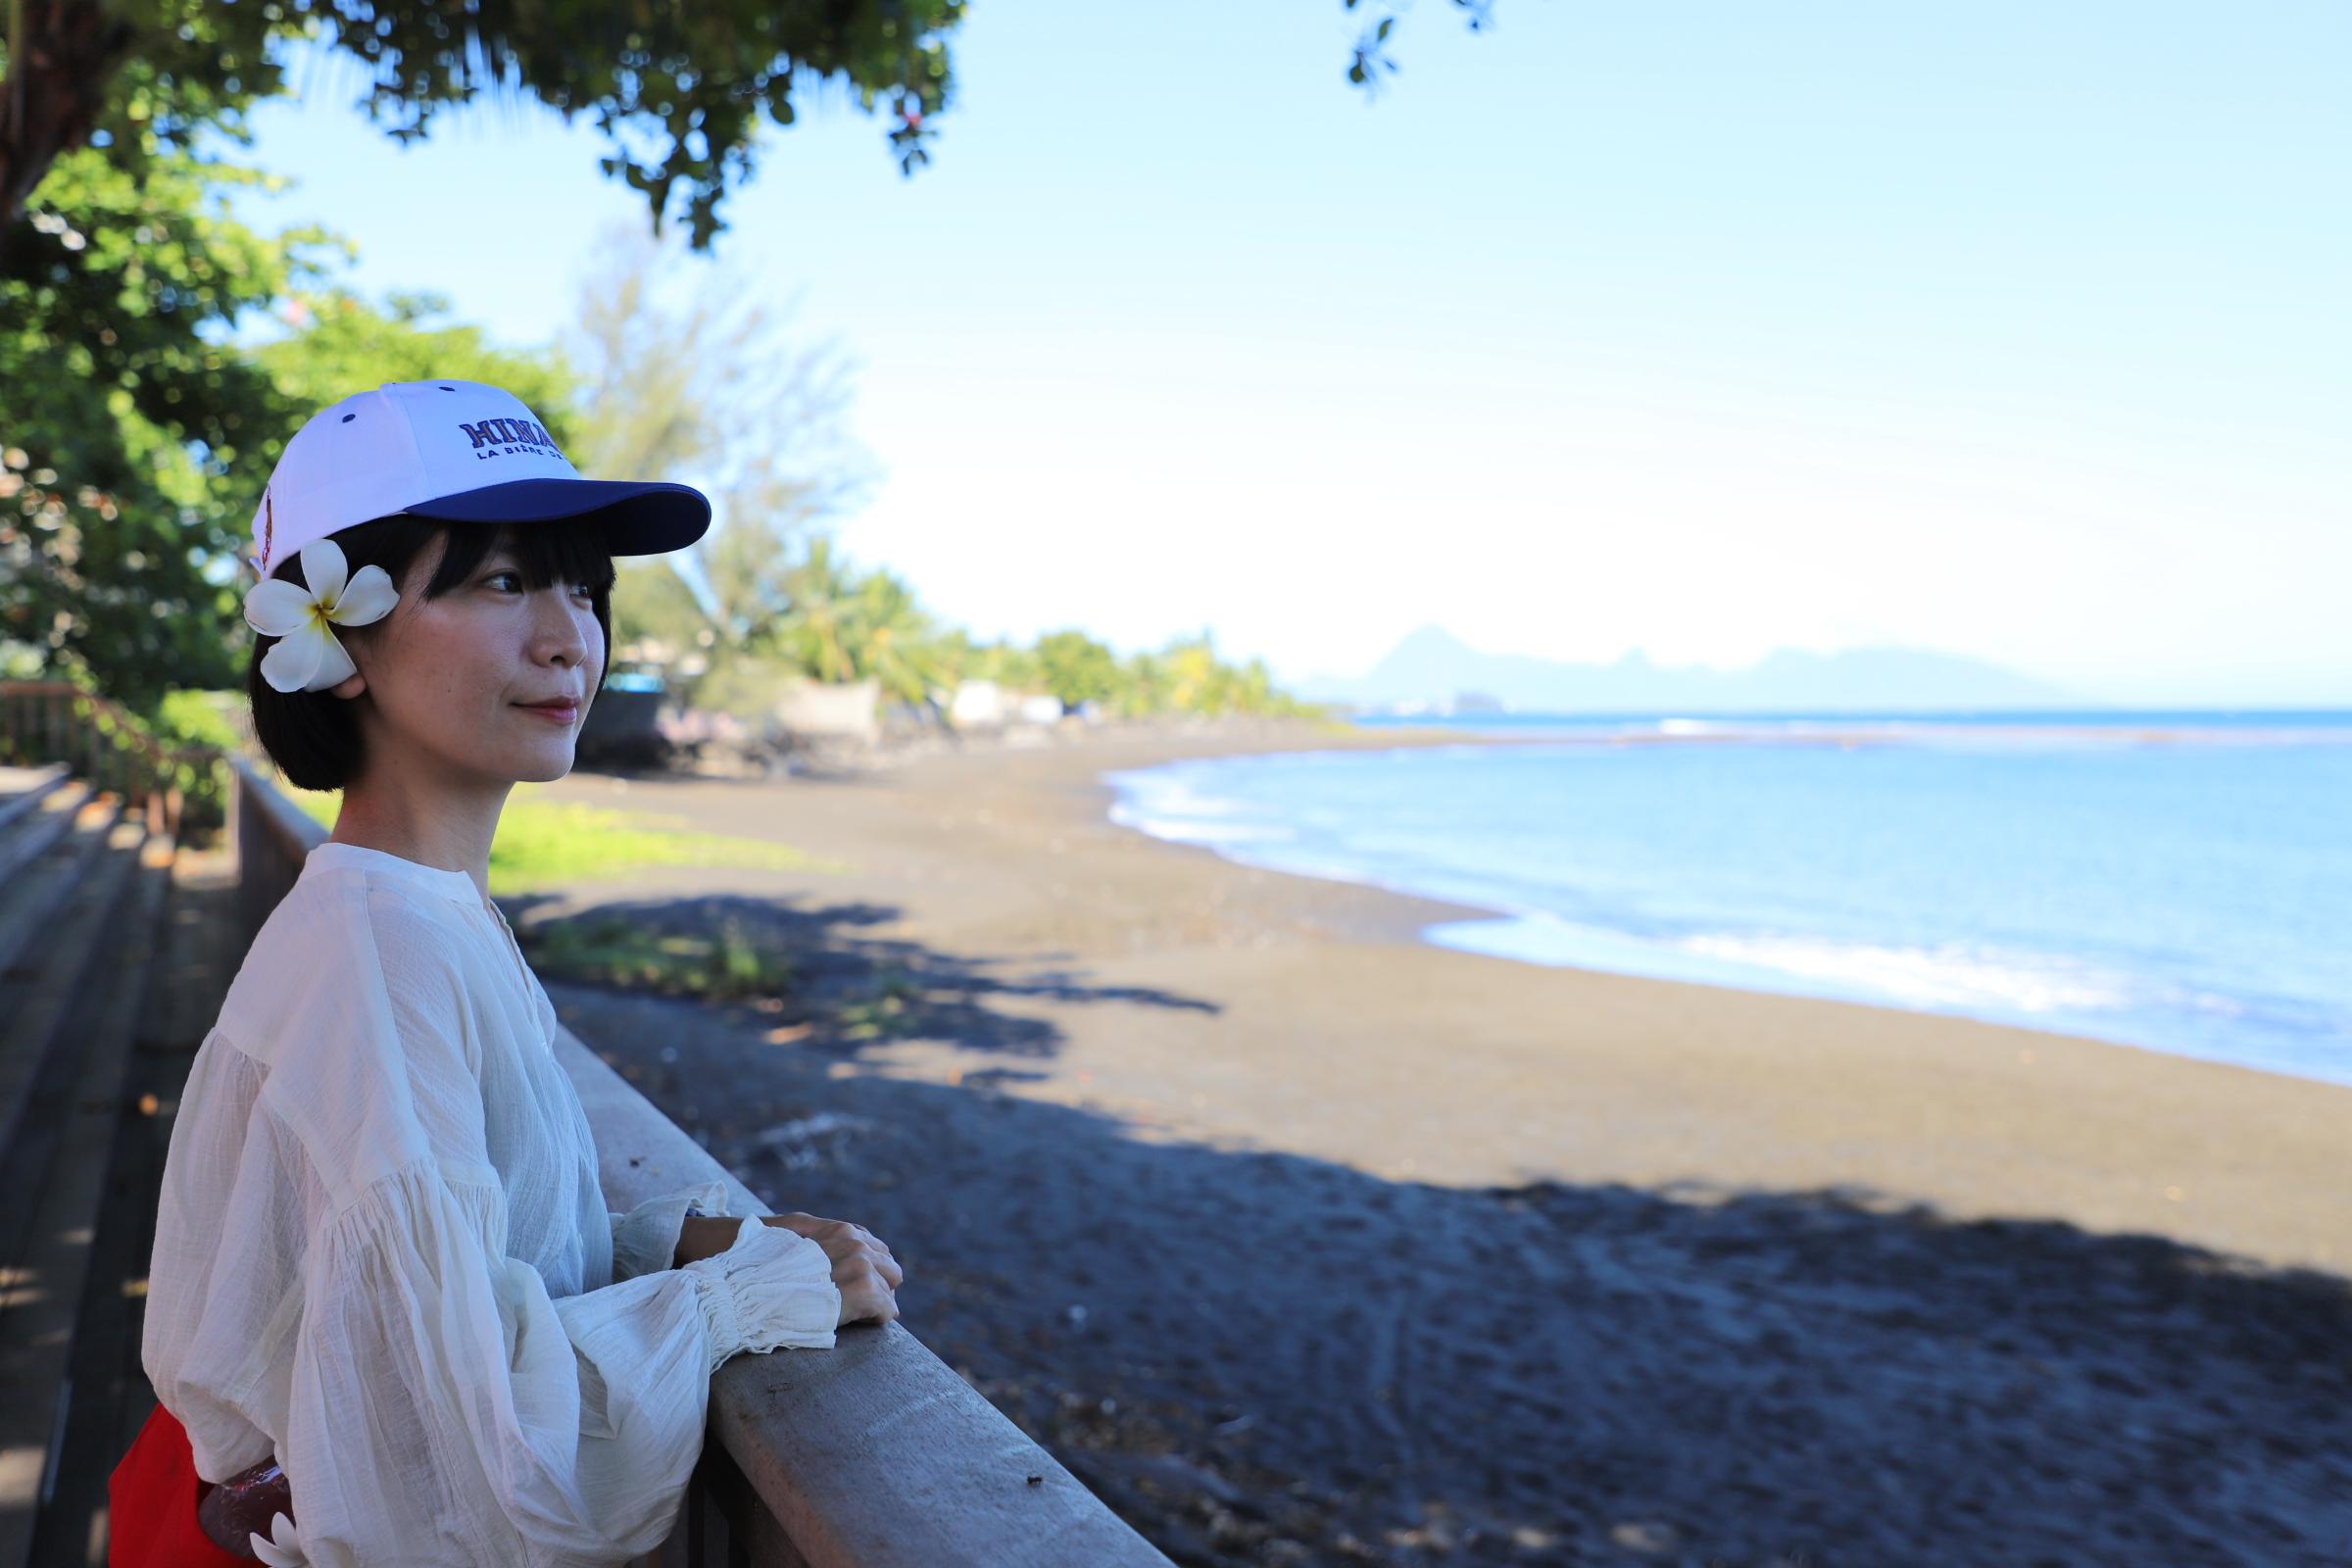 橋本絵莉子(チャットモンチー済)タヒチ島へ!音楽・文化をめぐる旅のドキュメンタリー第6弾オンエア